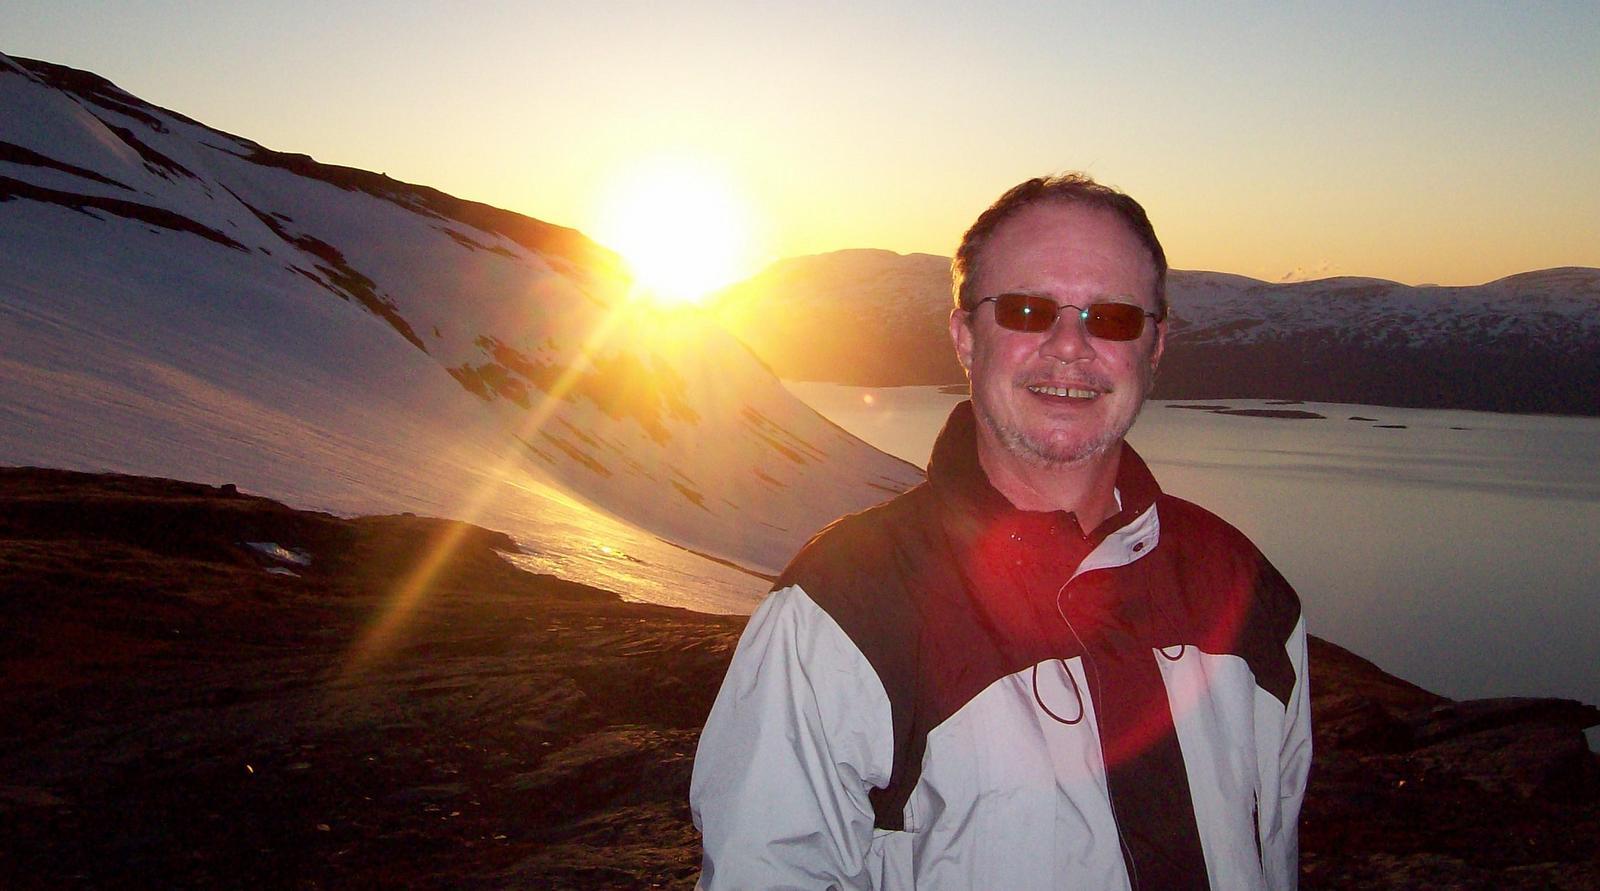 Mitternachtssonne auf dem Berg Noulja - Lappland - der Autor